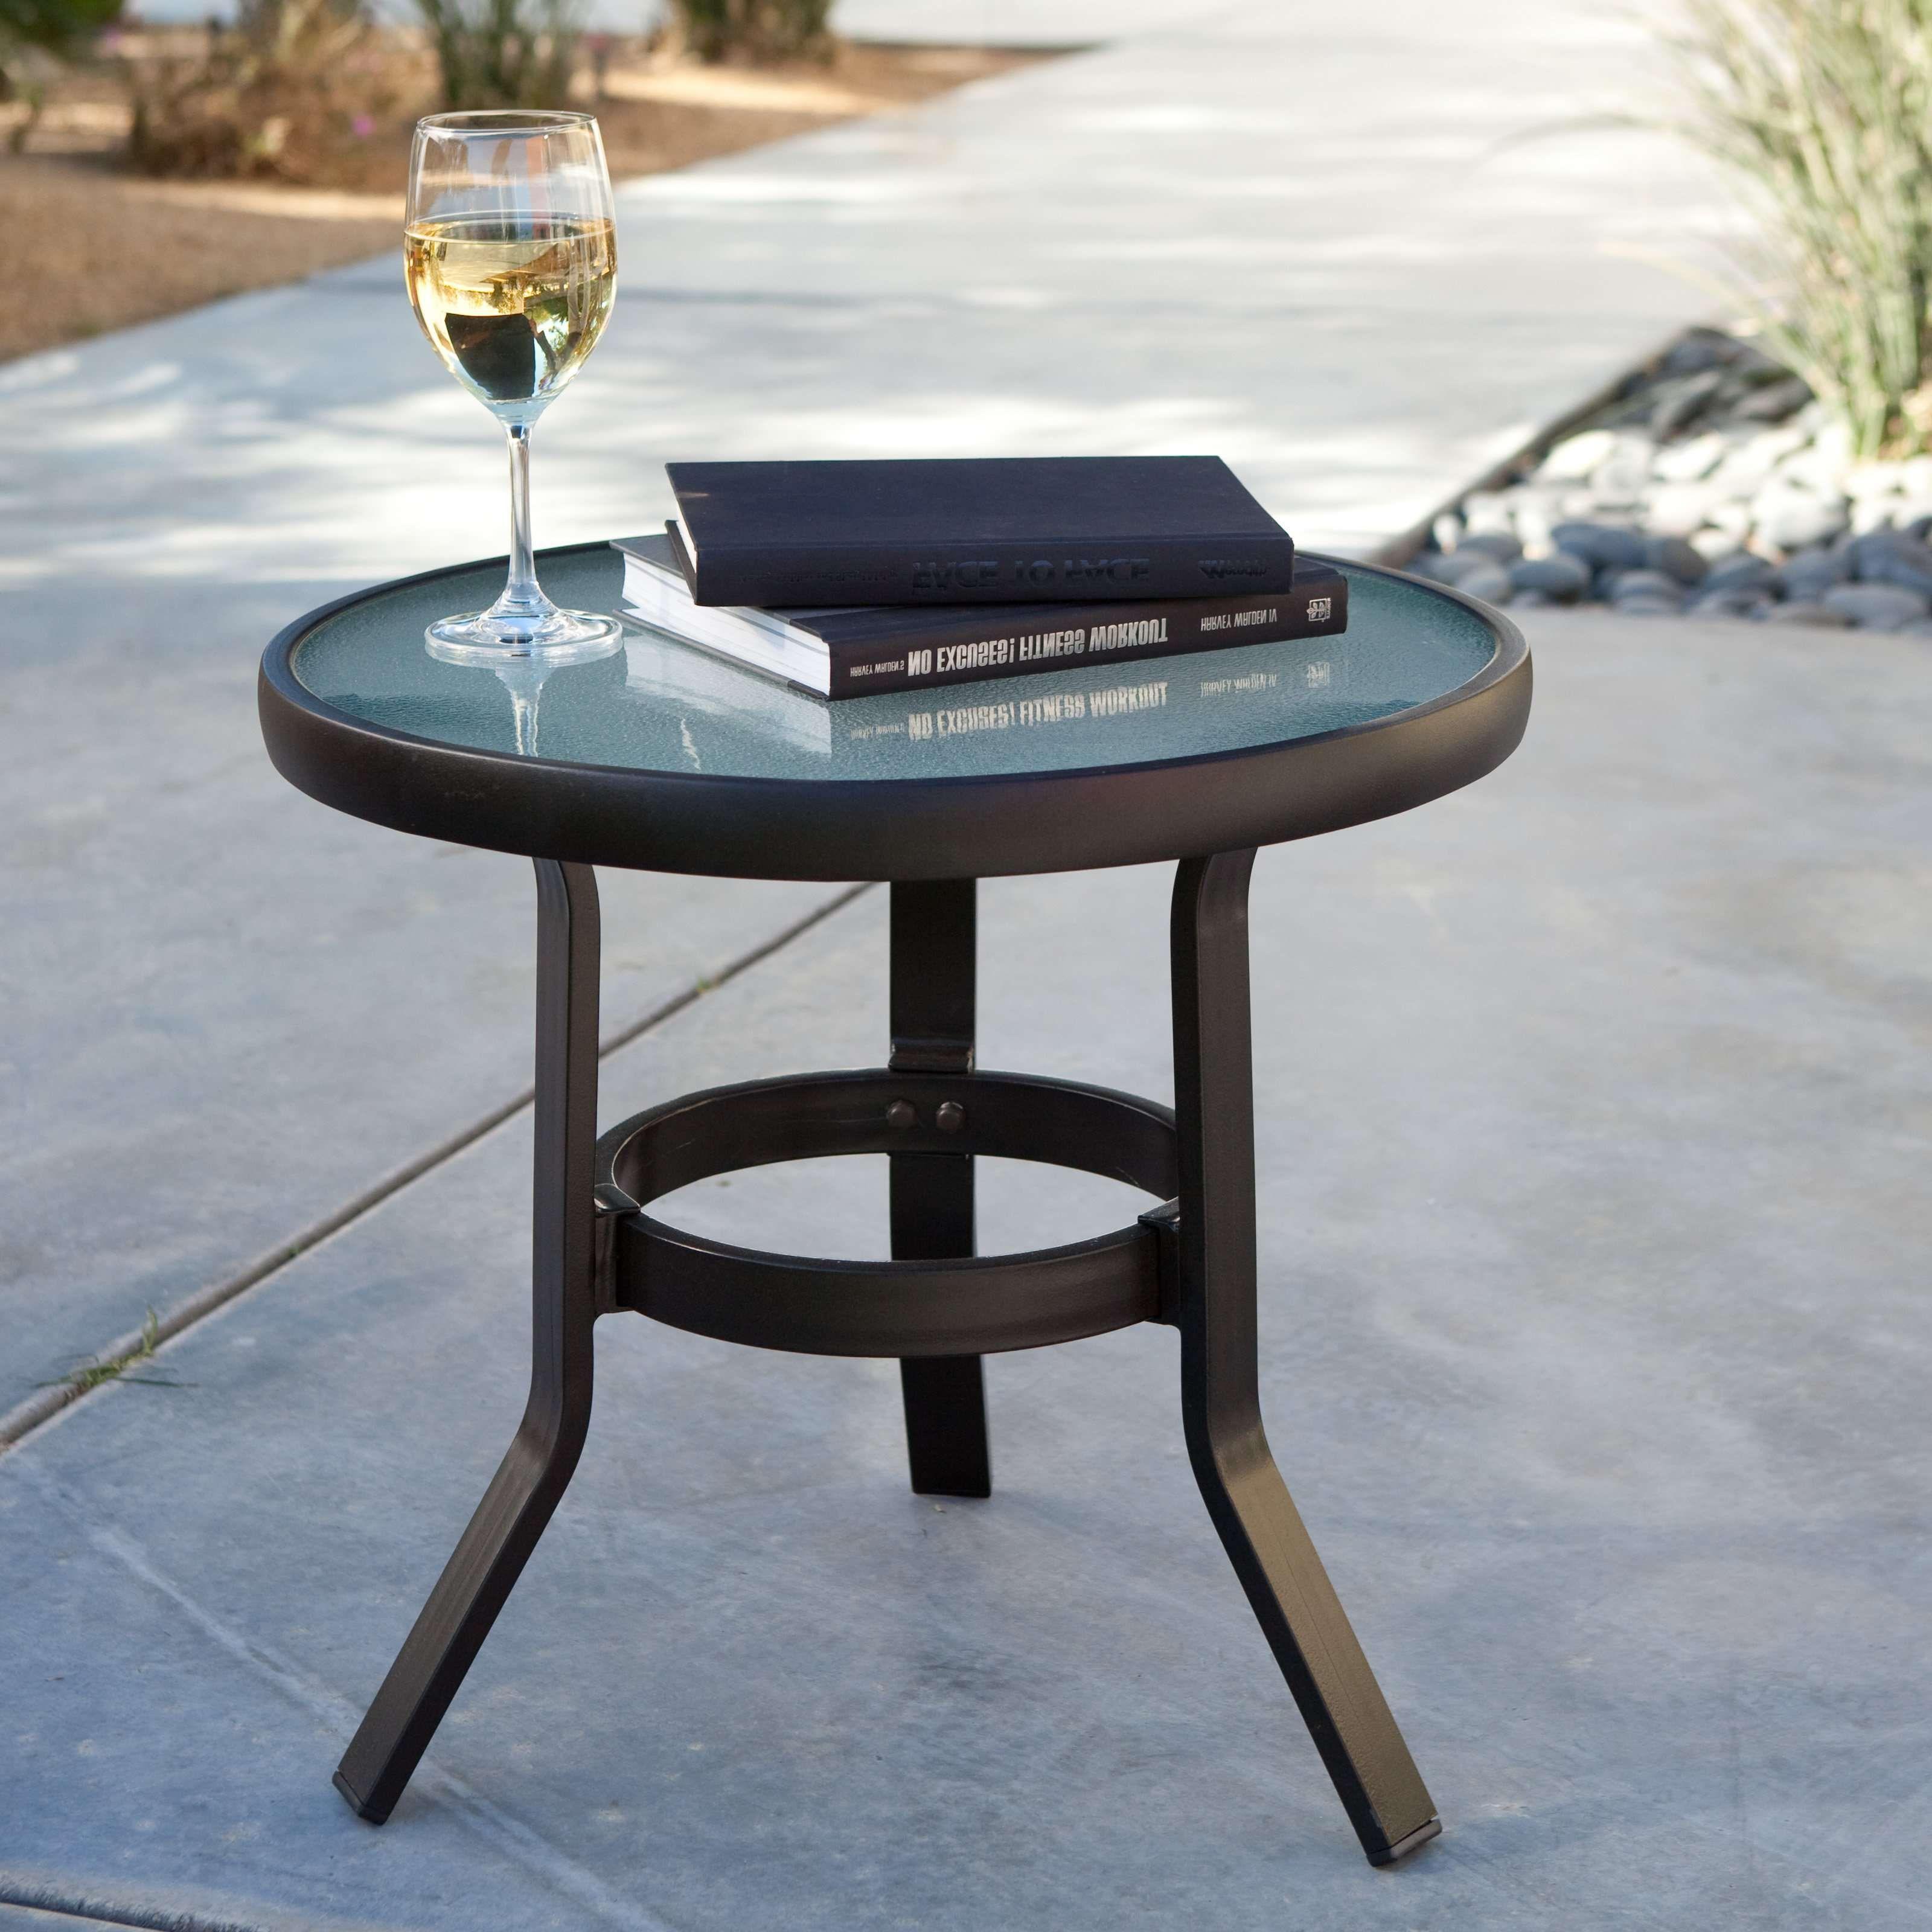 12 Mahogany And Glass Coffee Table Ideas Meja kopi bulat